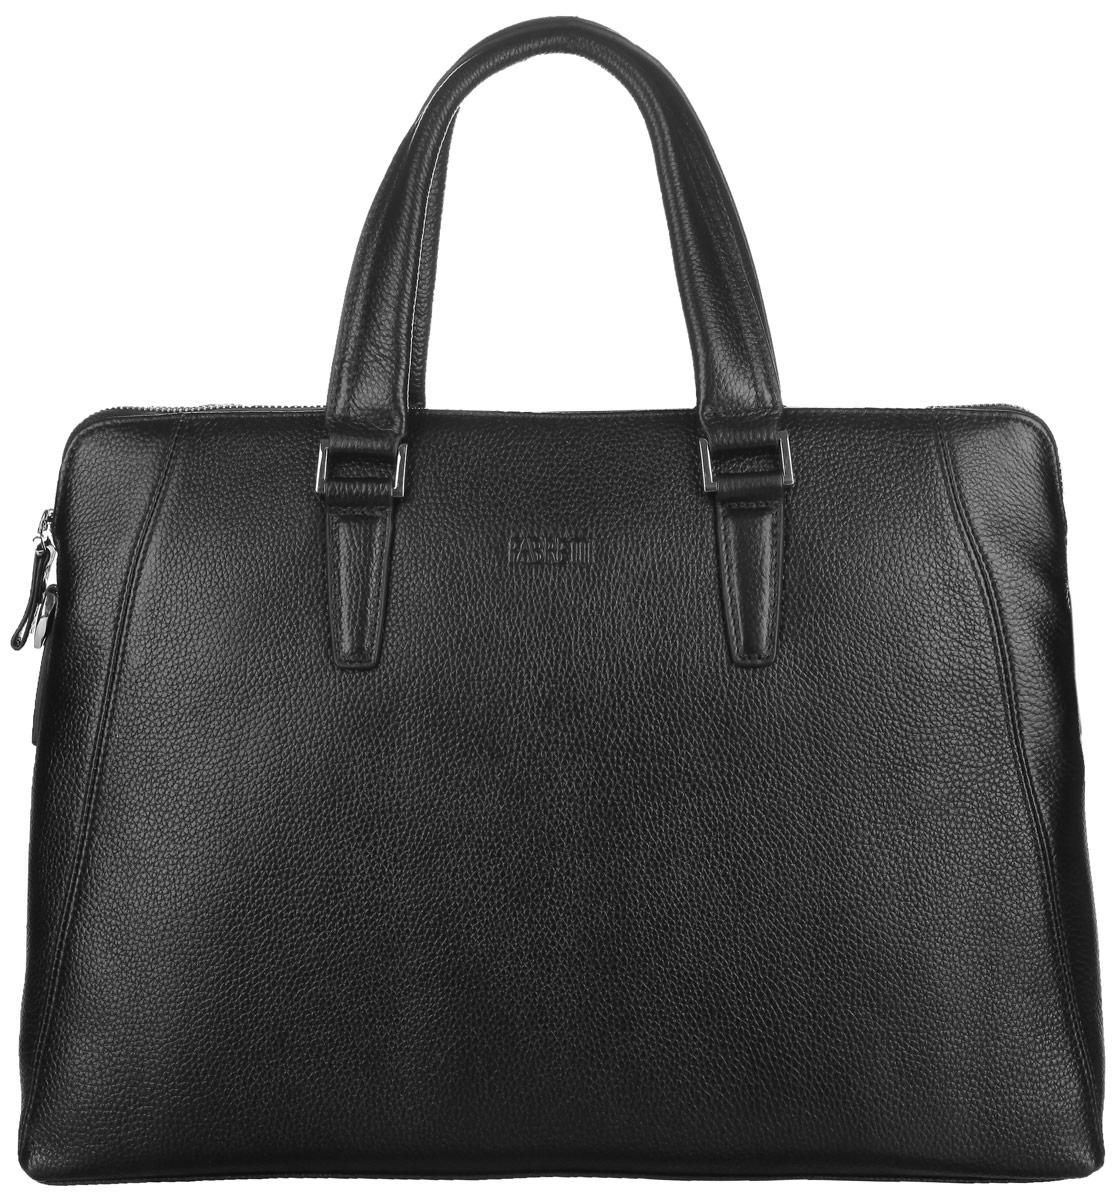 Сумка мужская Fabretti, цвет: черный. YFB001101248Стильная мужская сумка Fabretti выполнена из натуральной кожи с зернистой фактурой, оформлена металлической фурнитурой и символикой бренда.Изделие закрывается на металлическую застежку-молнию, содержит одно основное отделение. Внутри сумки расположен мягкий карман для планшета с хлястиком на липучке, два накладных кармана, два фиксатора для ручек и врезной карман на застежке-молнии. Снаружи, на тыльной стенке сумки, расположен врезной карман на застежке-молнии. Изделие дополнено двумя практичными ручками и съемным плечевым ремнем, длина которого регулируется при помощи пряжки.Стильная и практичная мужская сумка Fabretti дополнит ваш деловой стиль.